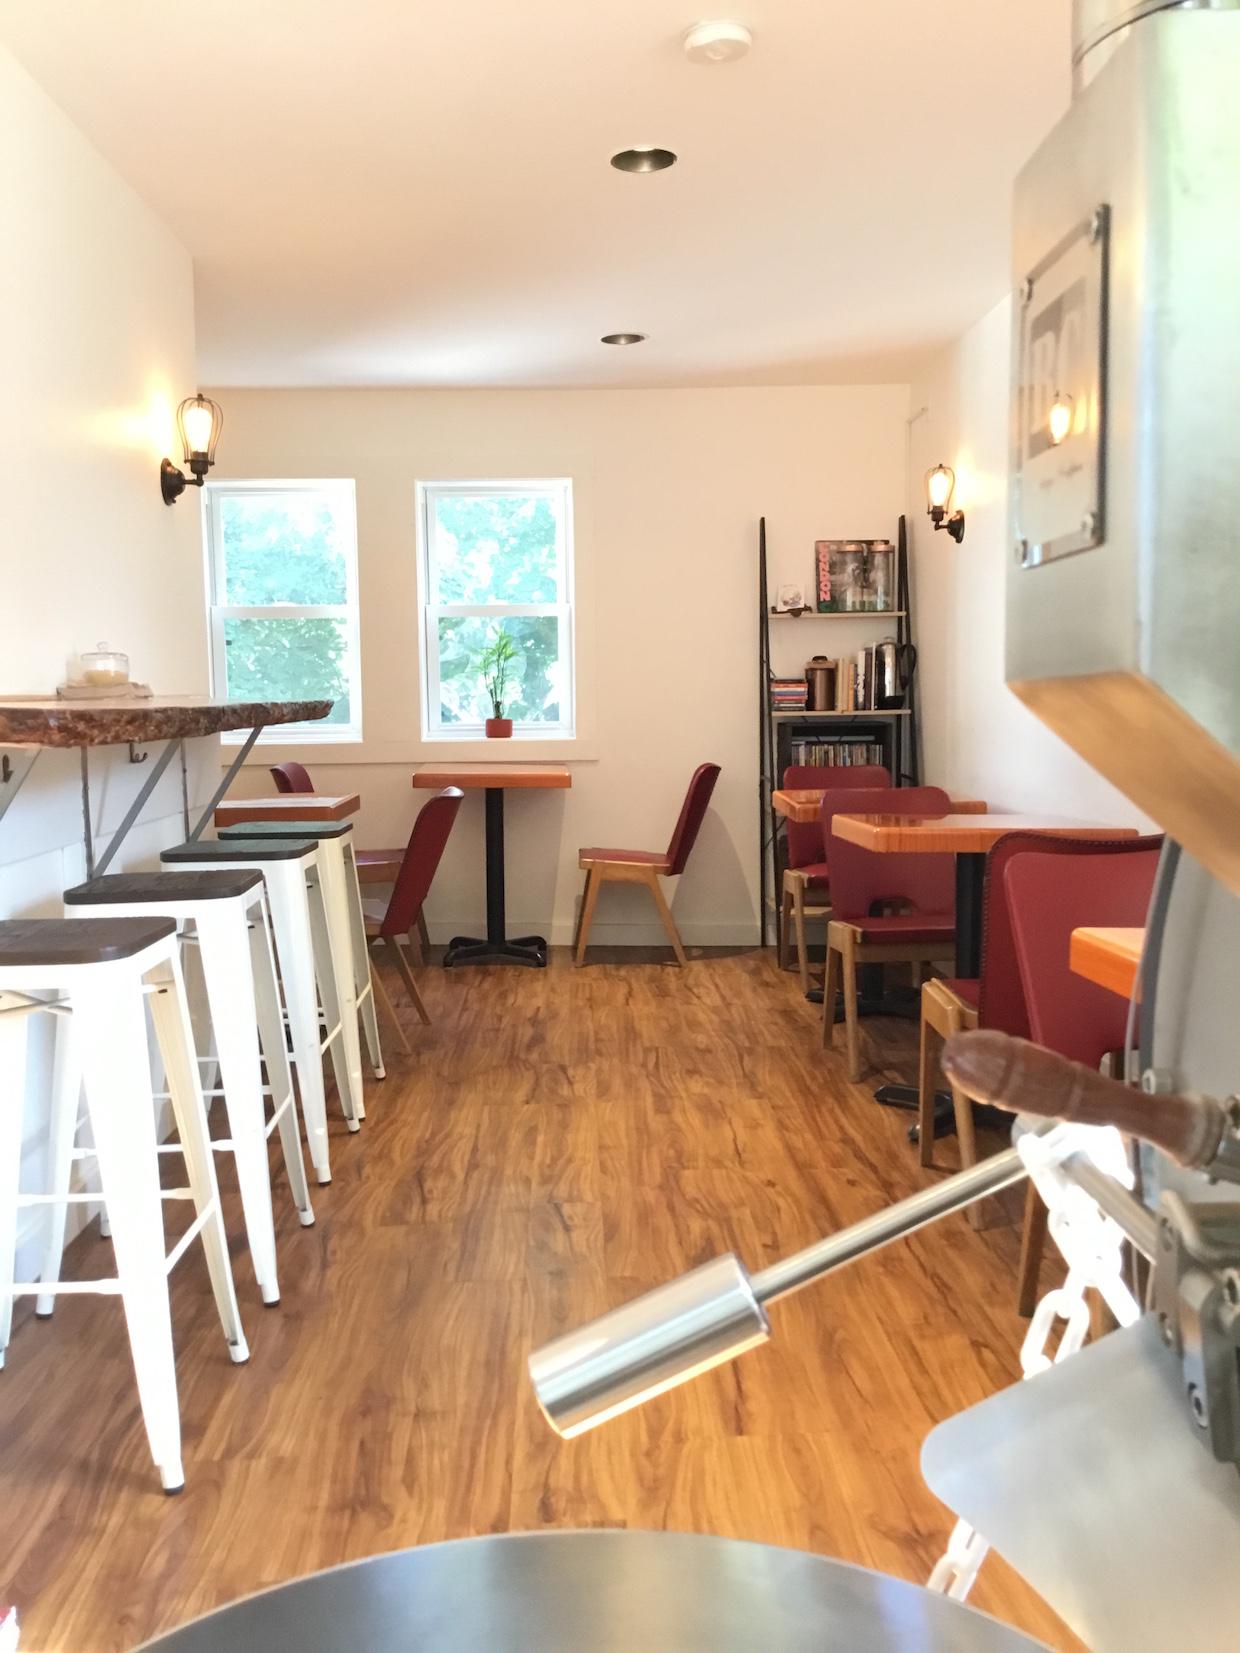 Horseshoe cafe newmarket new hampshire